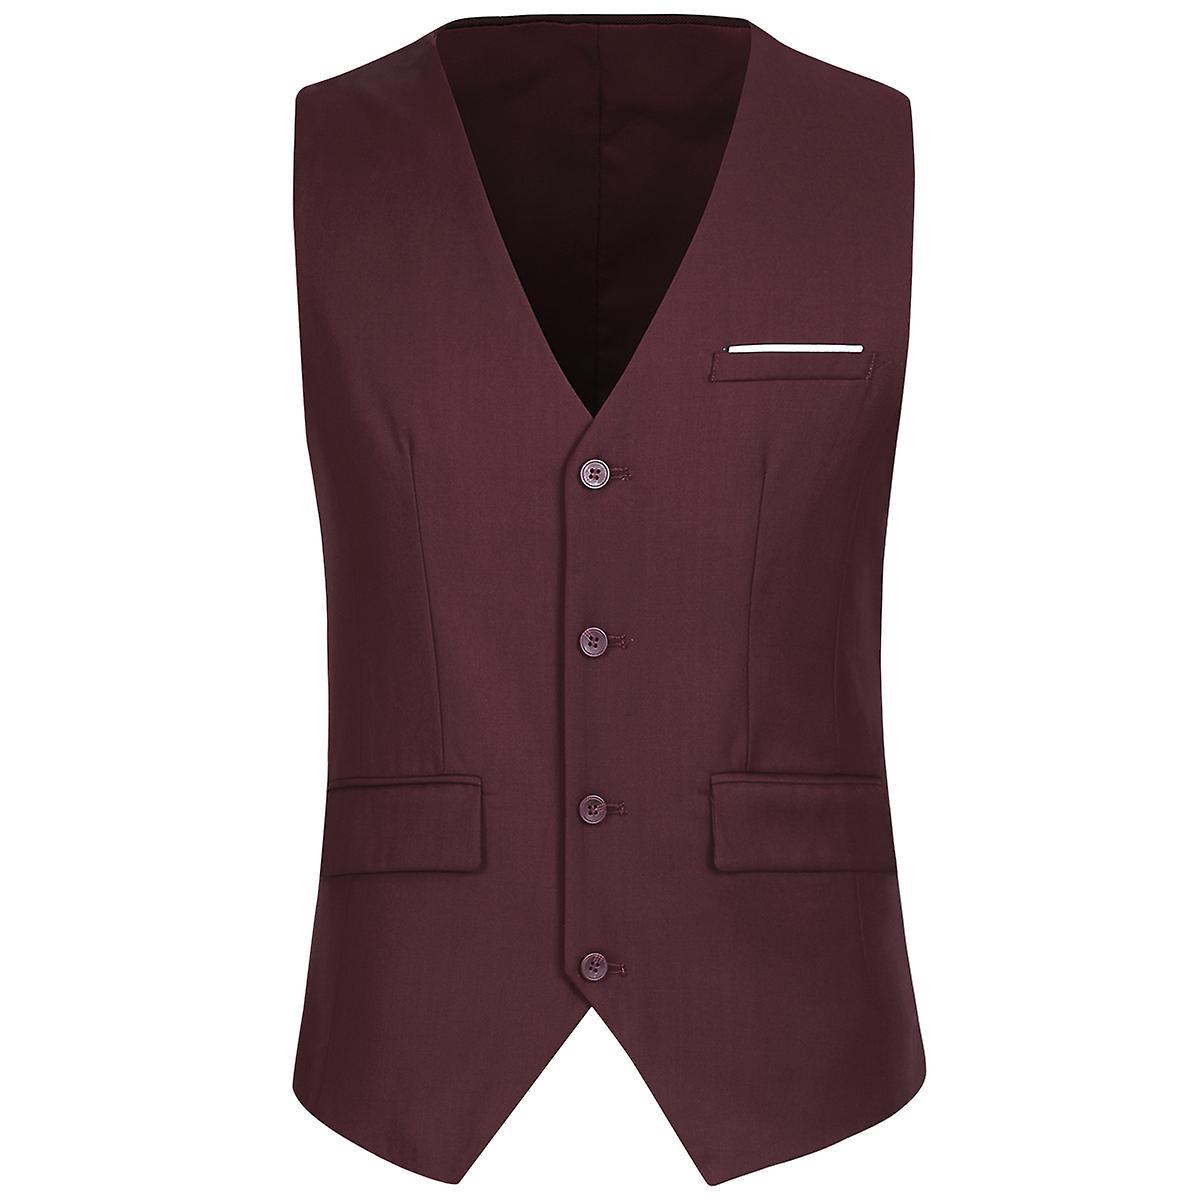 Allthemen Men's Classic 3-Piece Suit